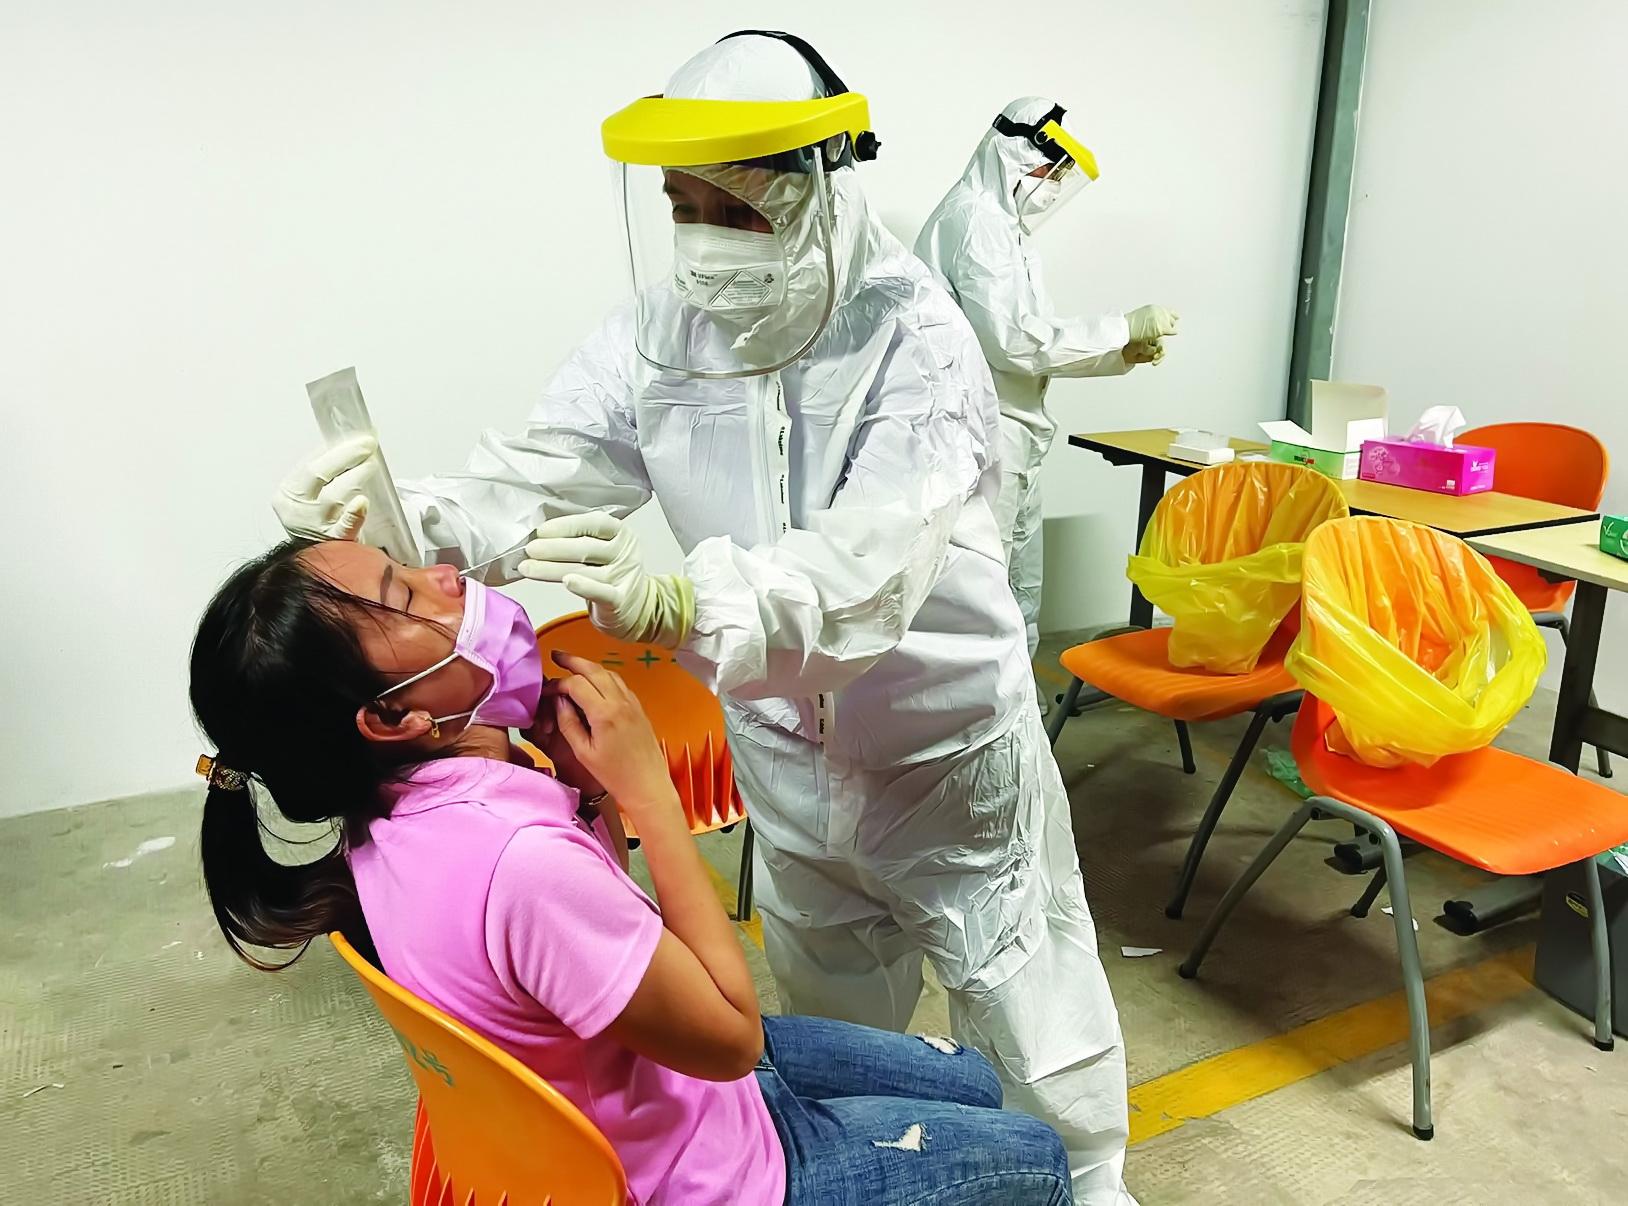 Nghiêm túc thực hiện các biện pháp chống dịch